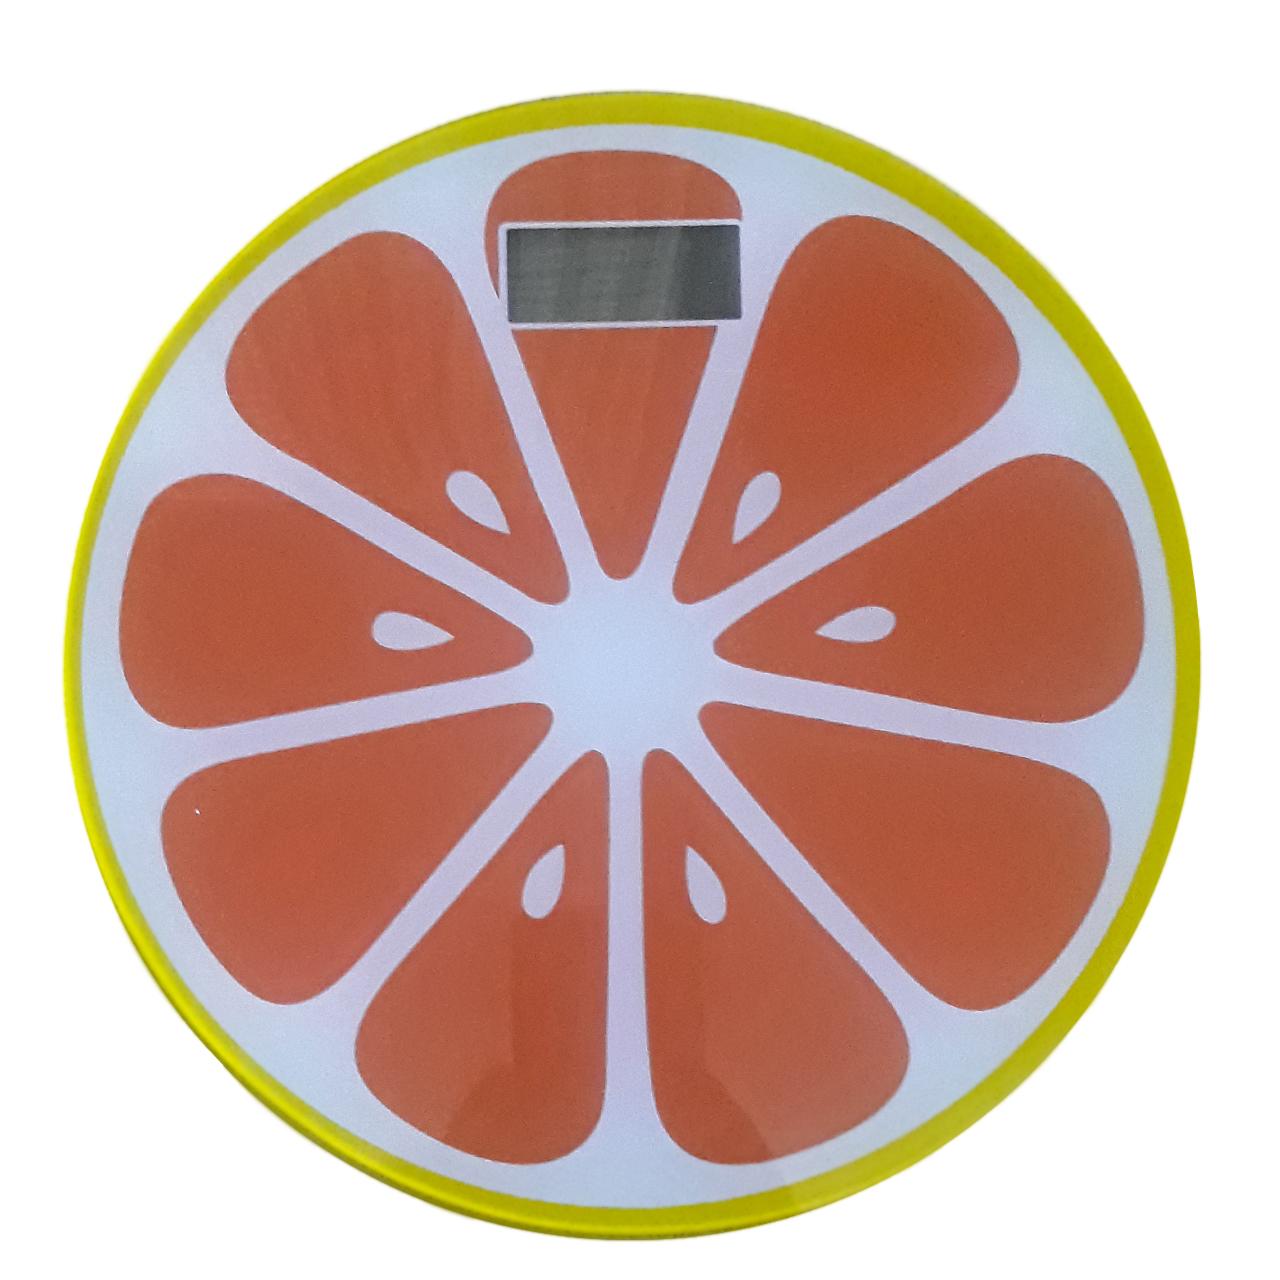 ترازو دیجیتال طرح پرتقال